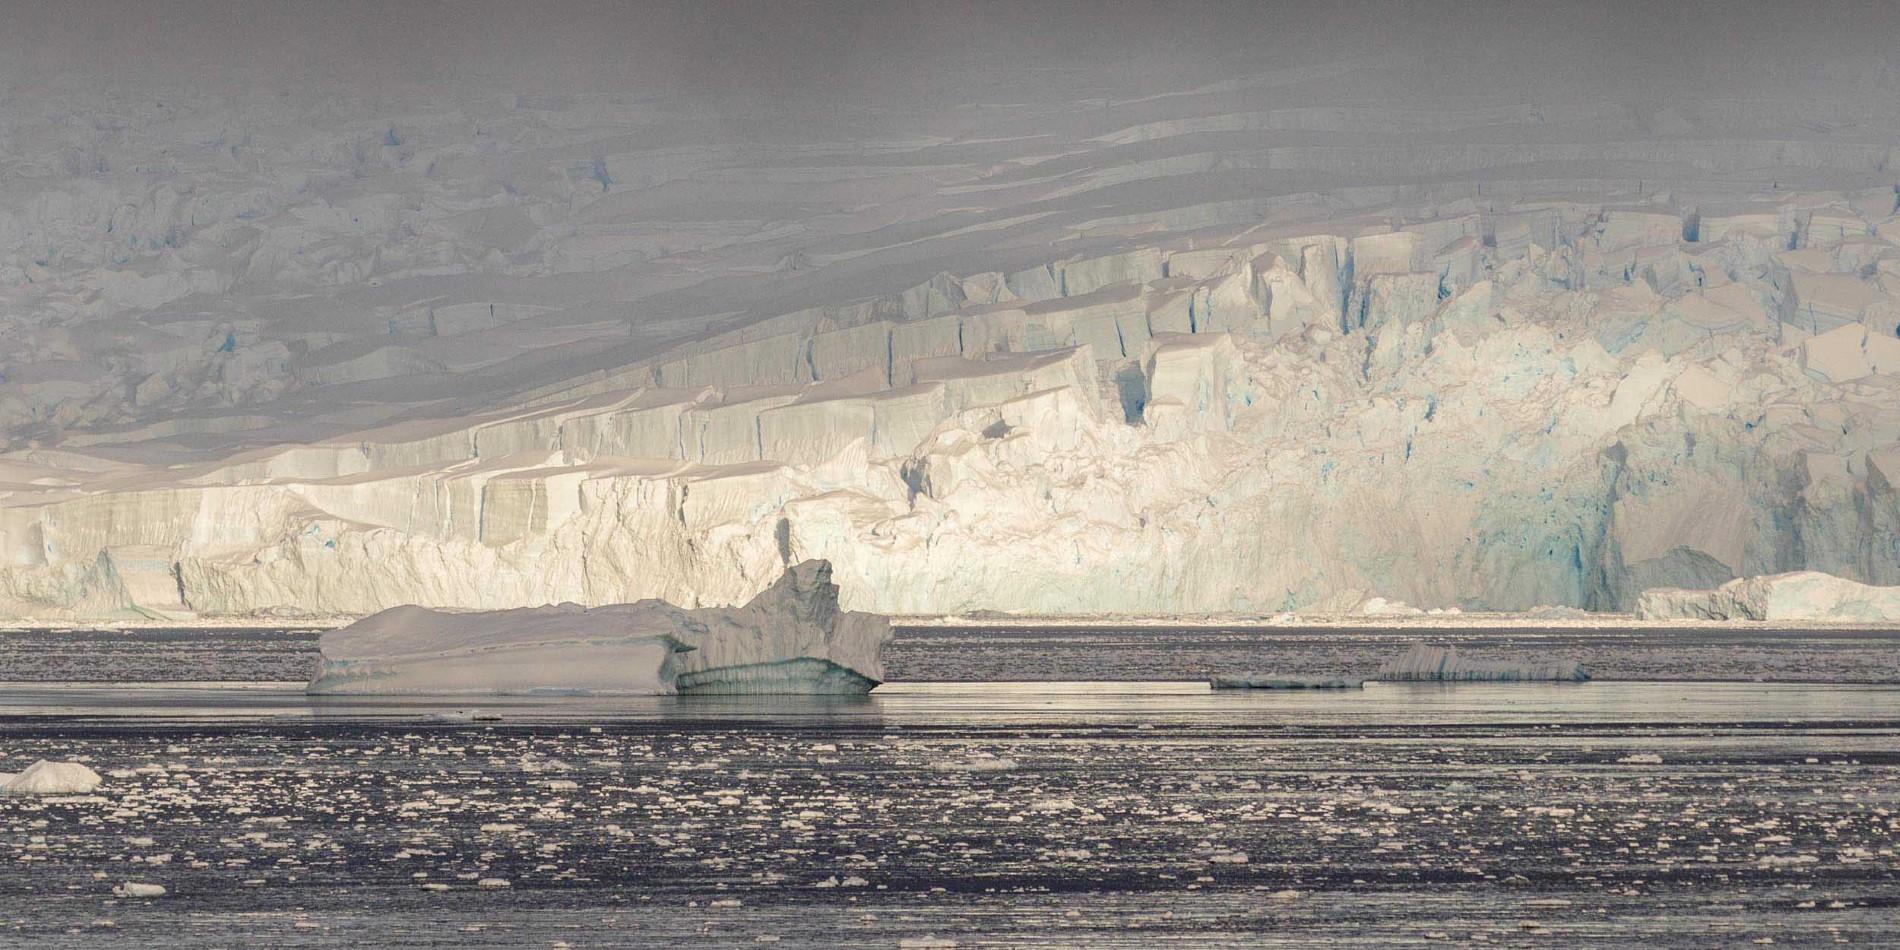 Gerlache-Strait-Antarktis-©Genna Roland_2500x1250.jpg